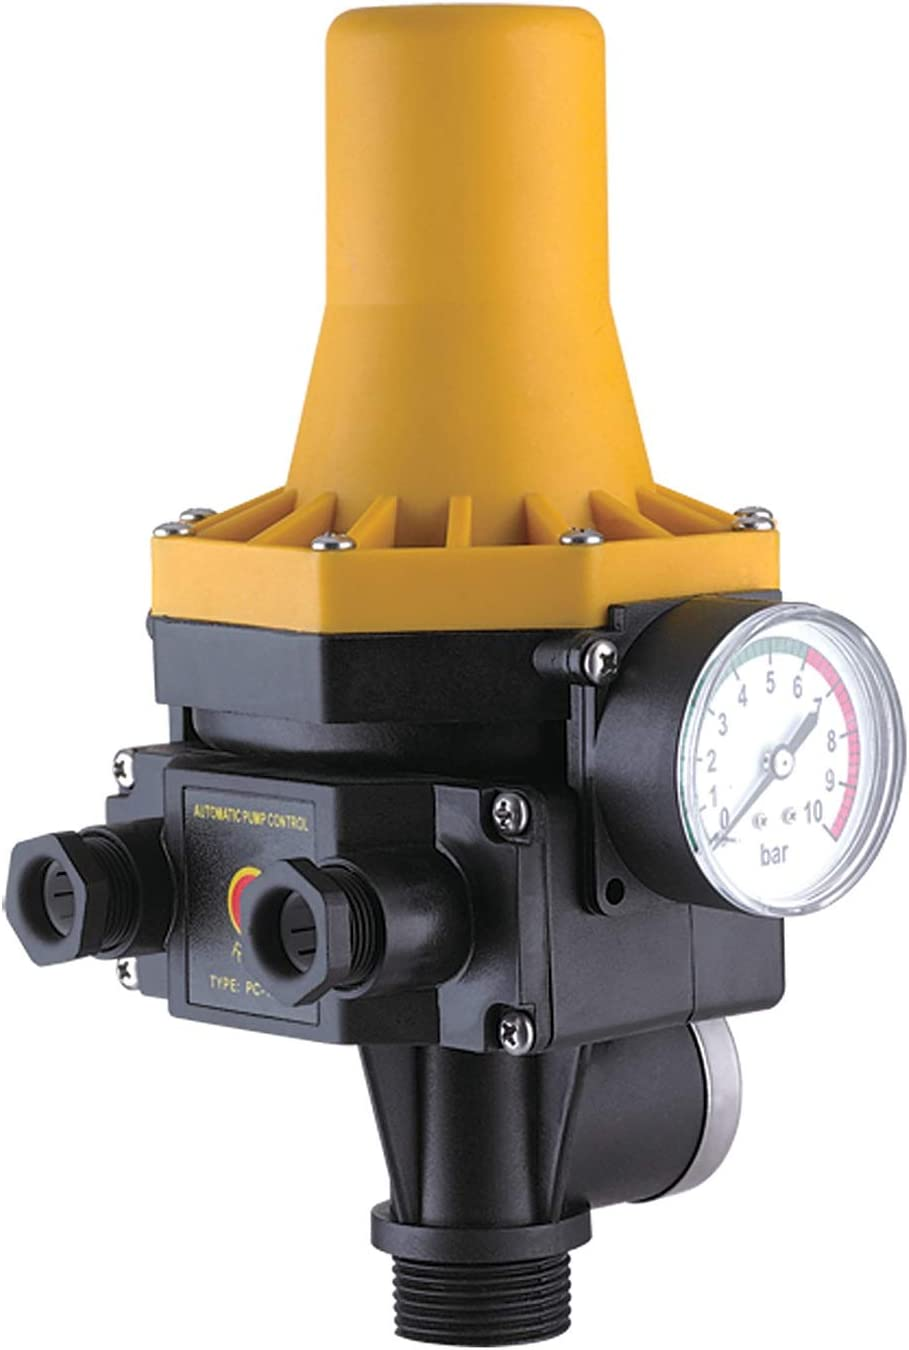 Pumpensteuerung Druckwächter für Kreisel Tiefbrunnen Kreiselpumpe